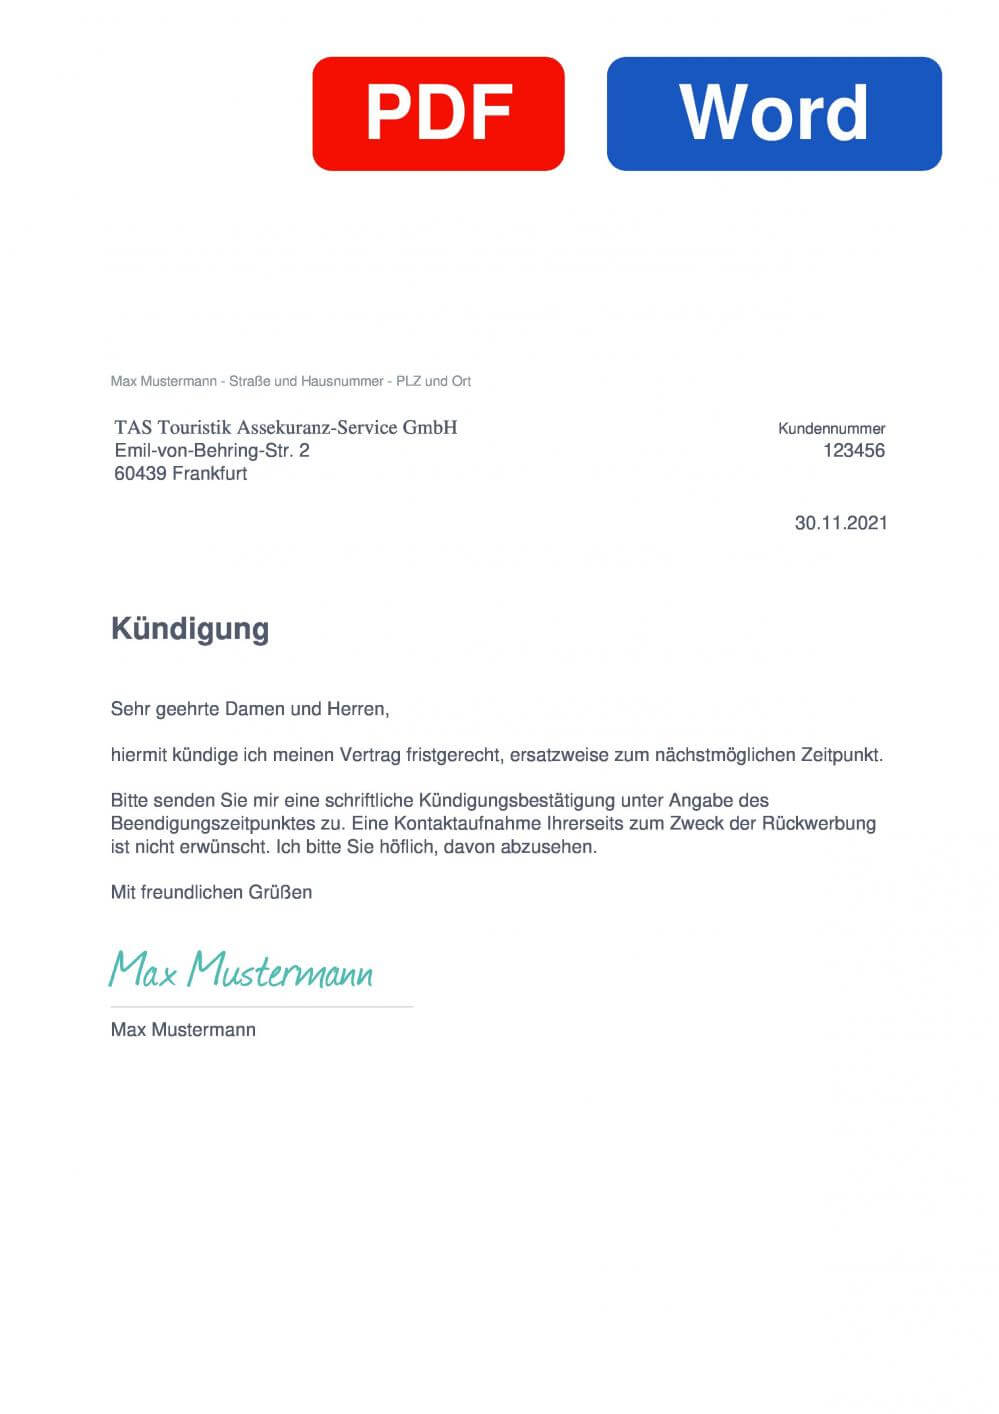 TAS Reiseversicherung Muster Vorlage für Kündigungsschreiben